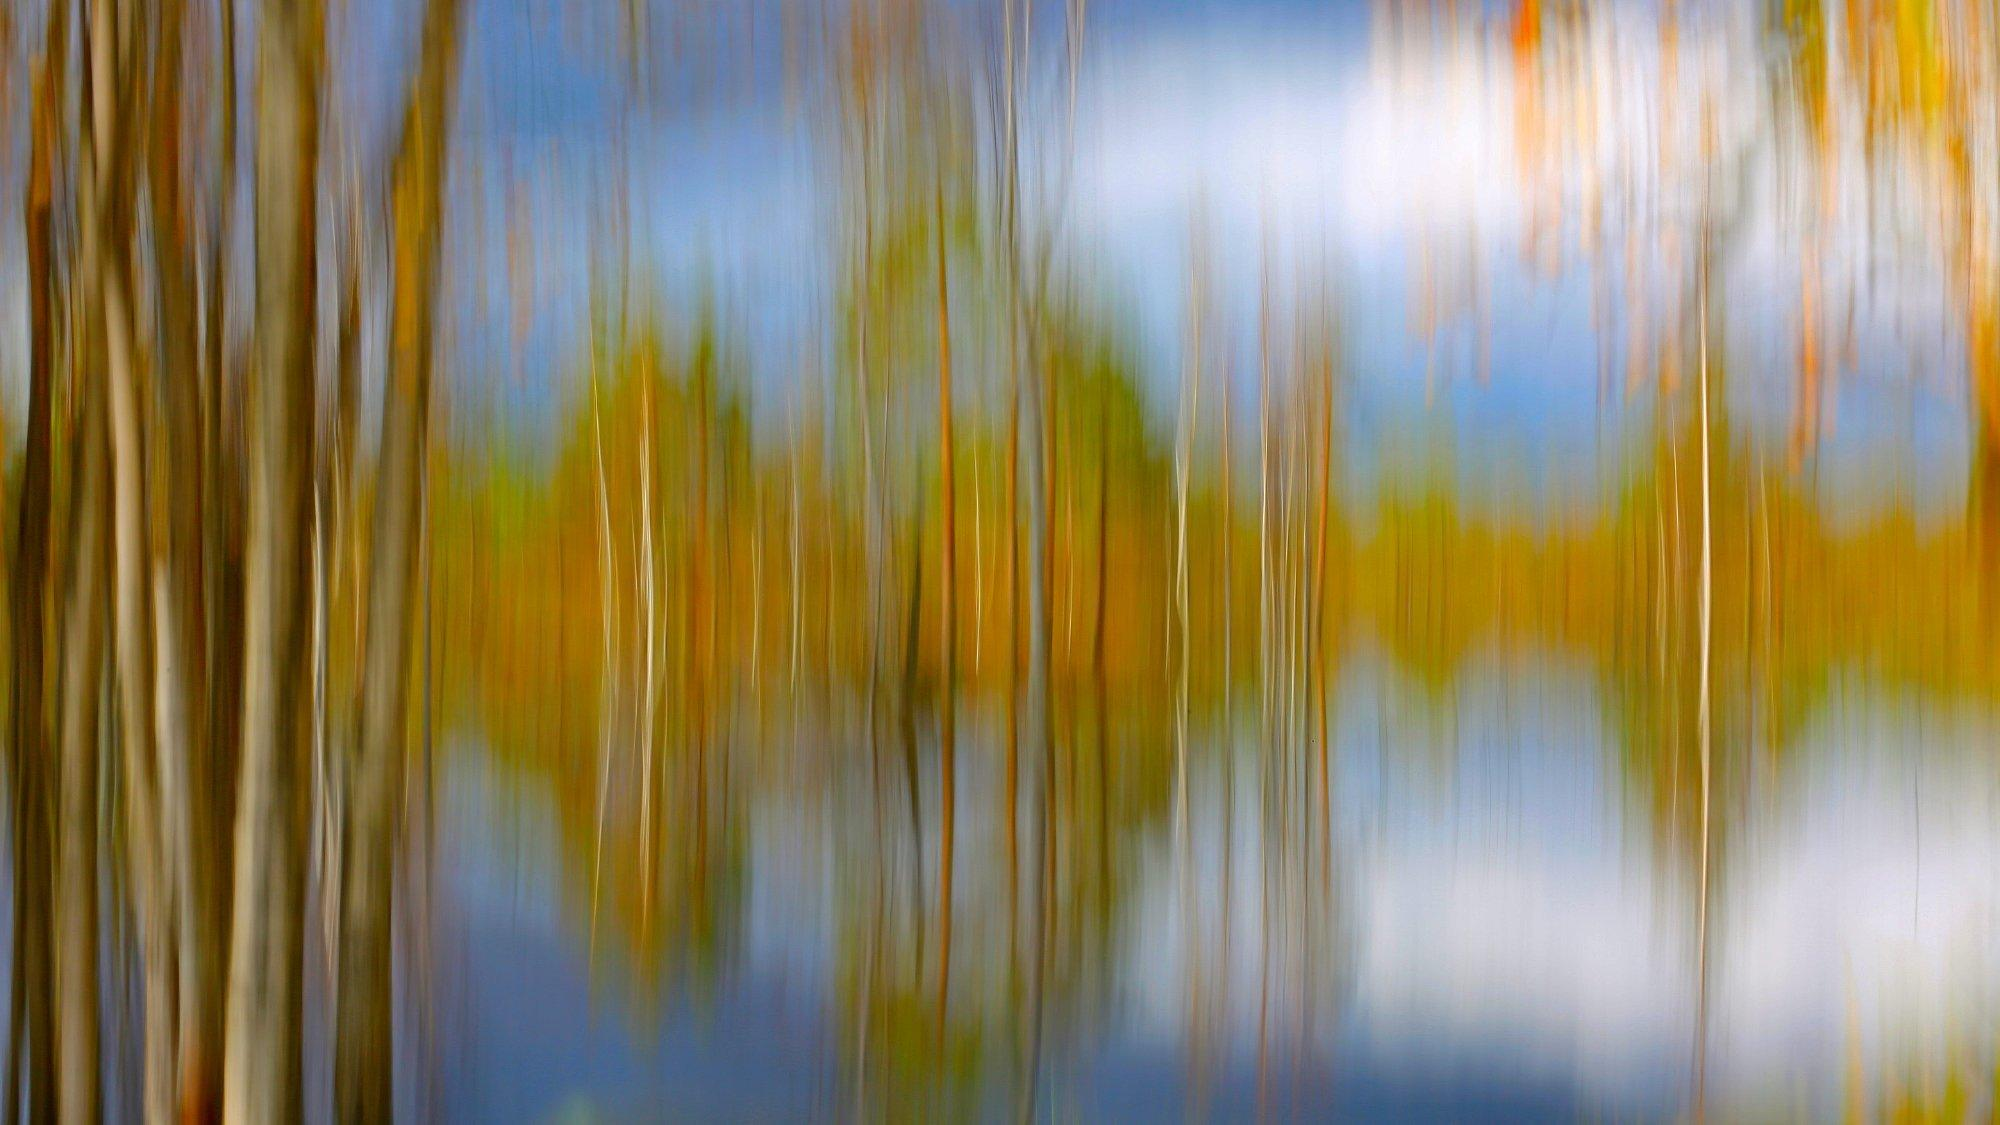 Ein Moor mit dichtem Birkenbewuchs, abstrakt fotografiert.